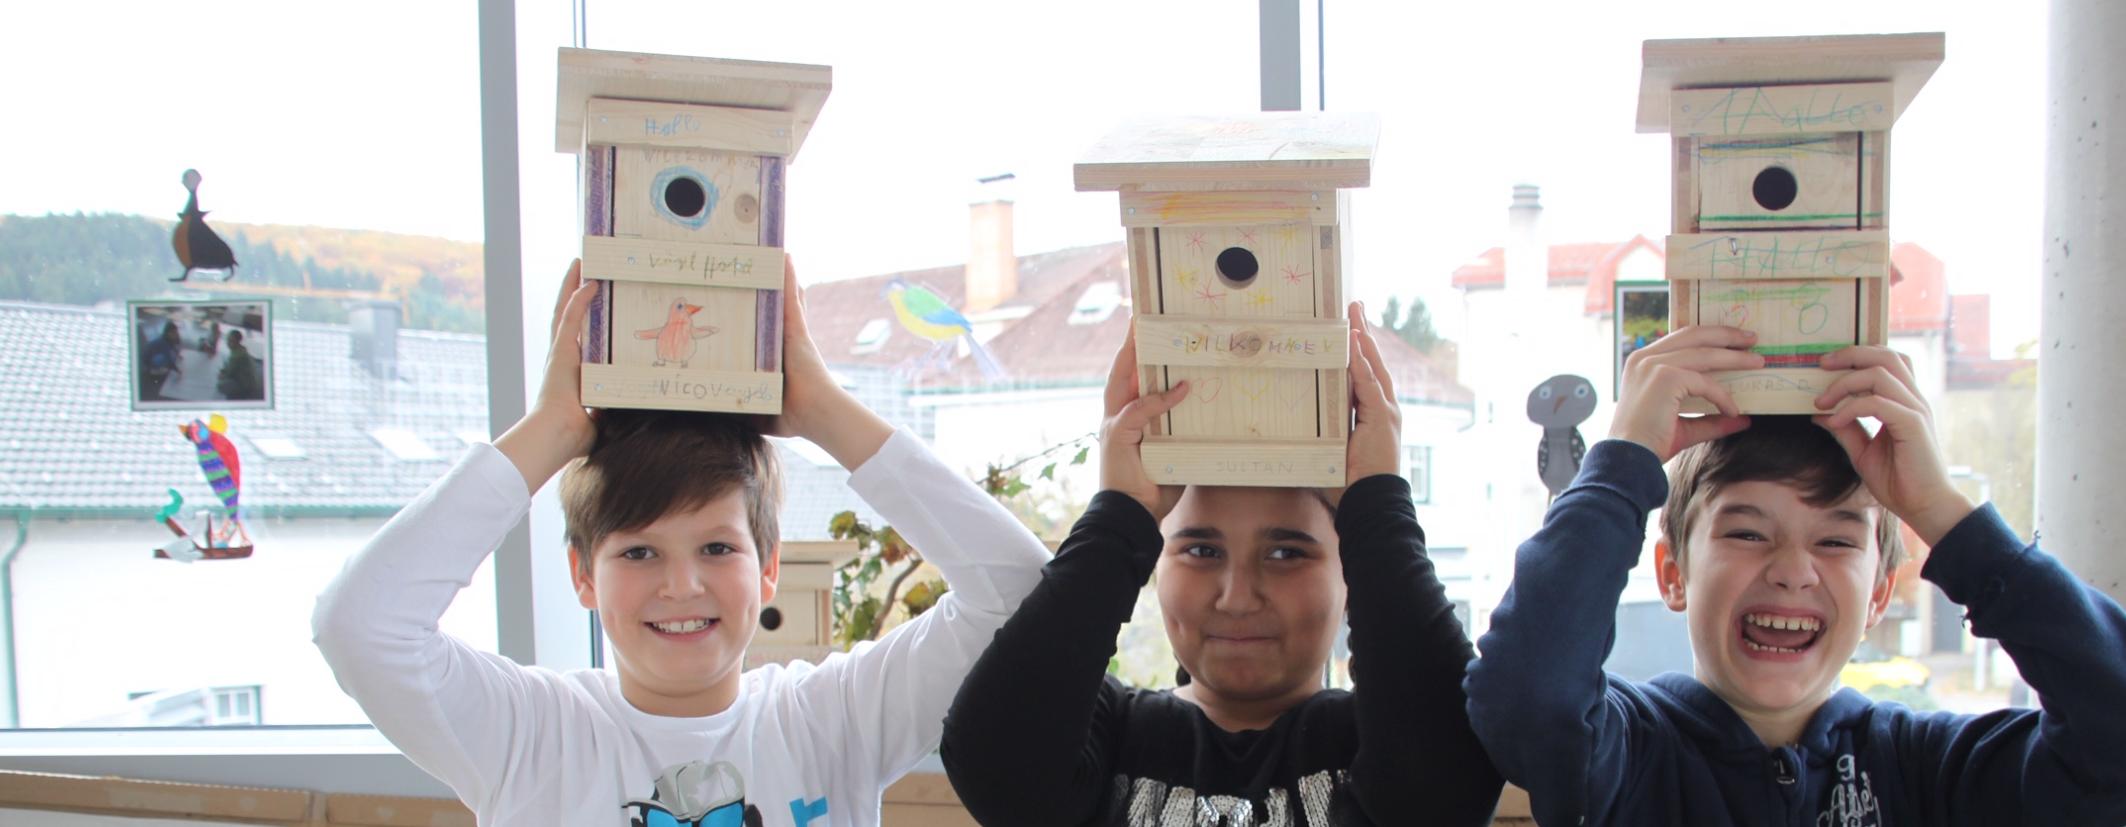 Kinder mit Vogelhaus: Die ersten Nistkästen sind fertig – sehr zur Freude der Nachwuchskünstler aus der Volksschule Bad Sauerbrunn!